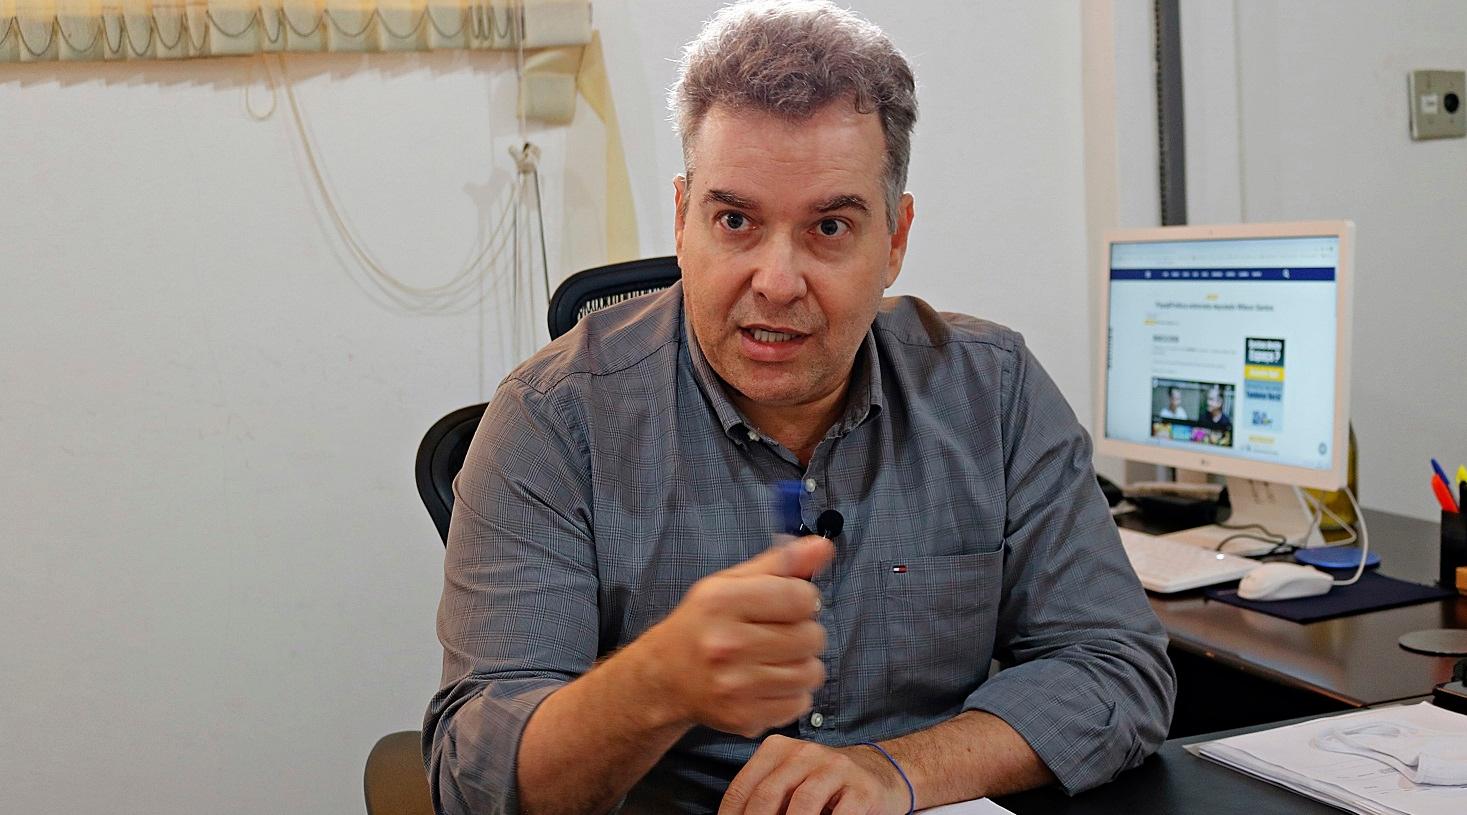 Imagem: JUliano Jorge Presidente da Metamat critica Fabio Garcia e sugere troca no DEM